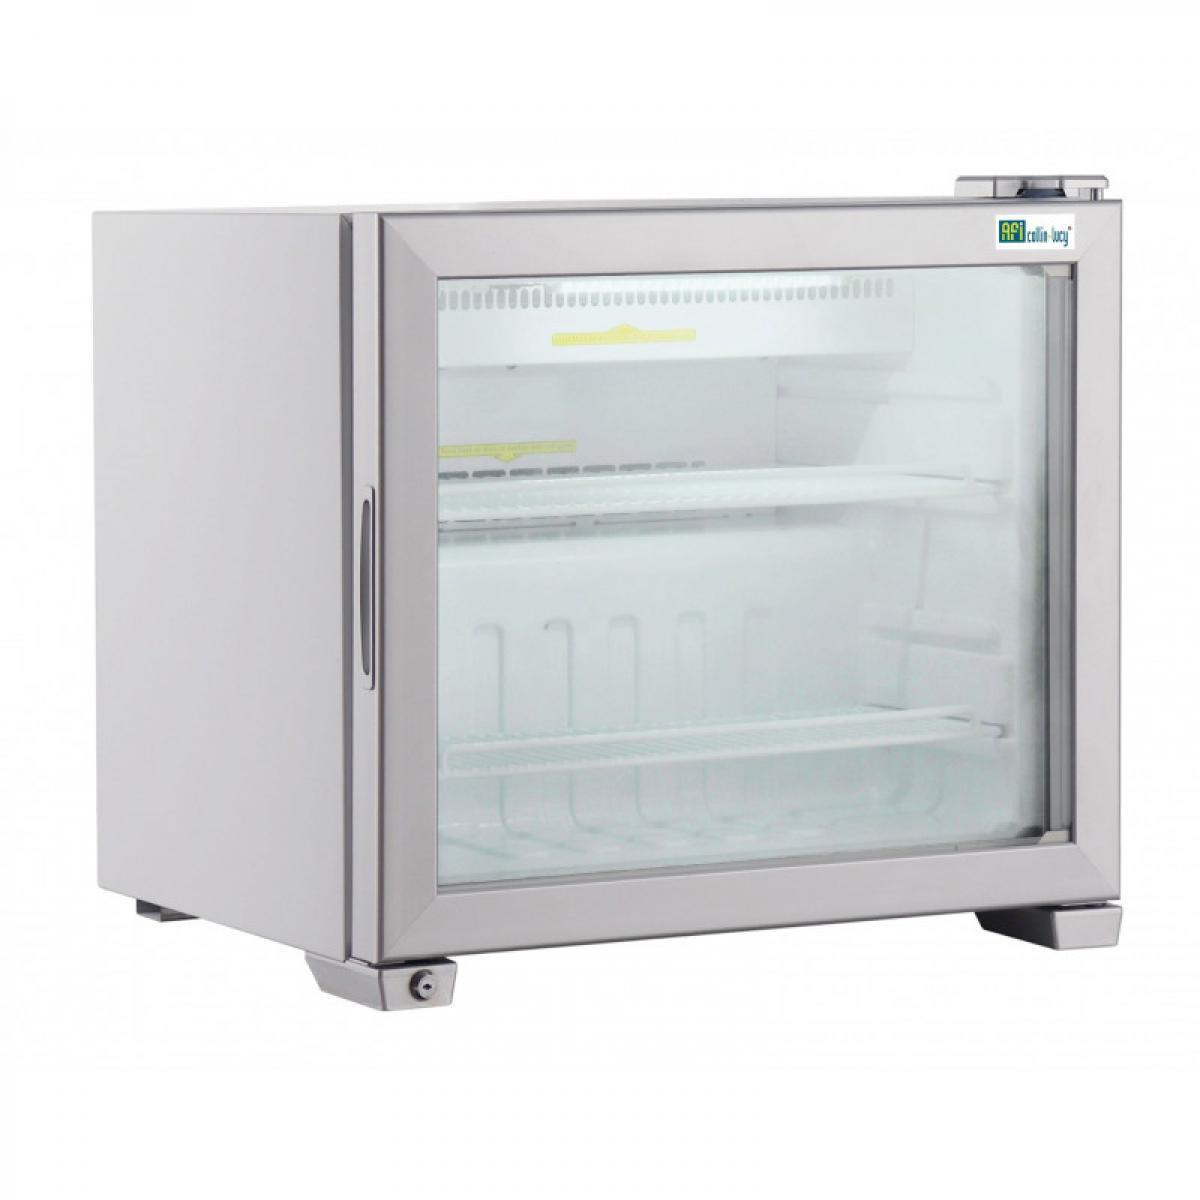 Materiel Chr Pro Mini Armoire Réfrigérée Négative Vitrée - 49 à 99 L - AFI Collin Lucy - R290 1 Porte 99 litres